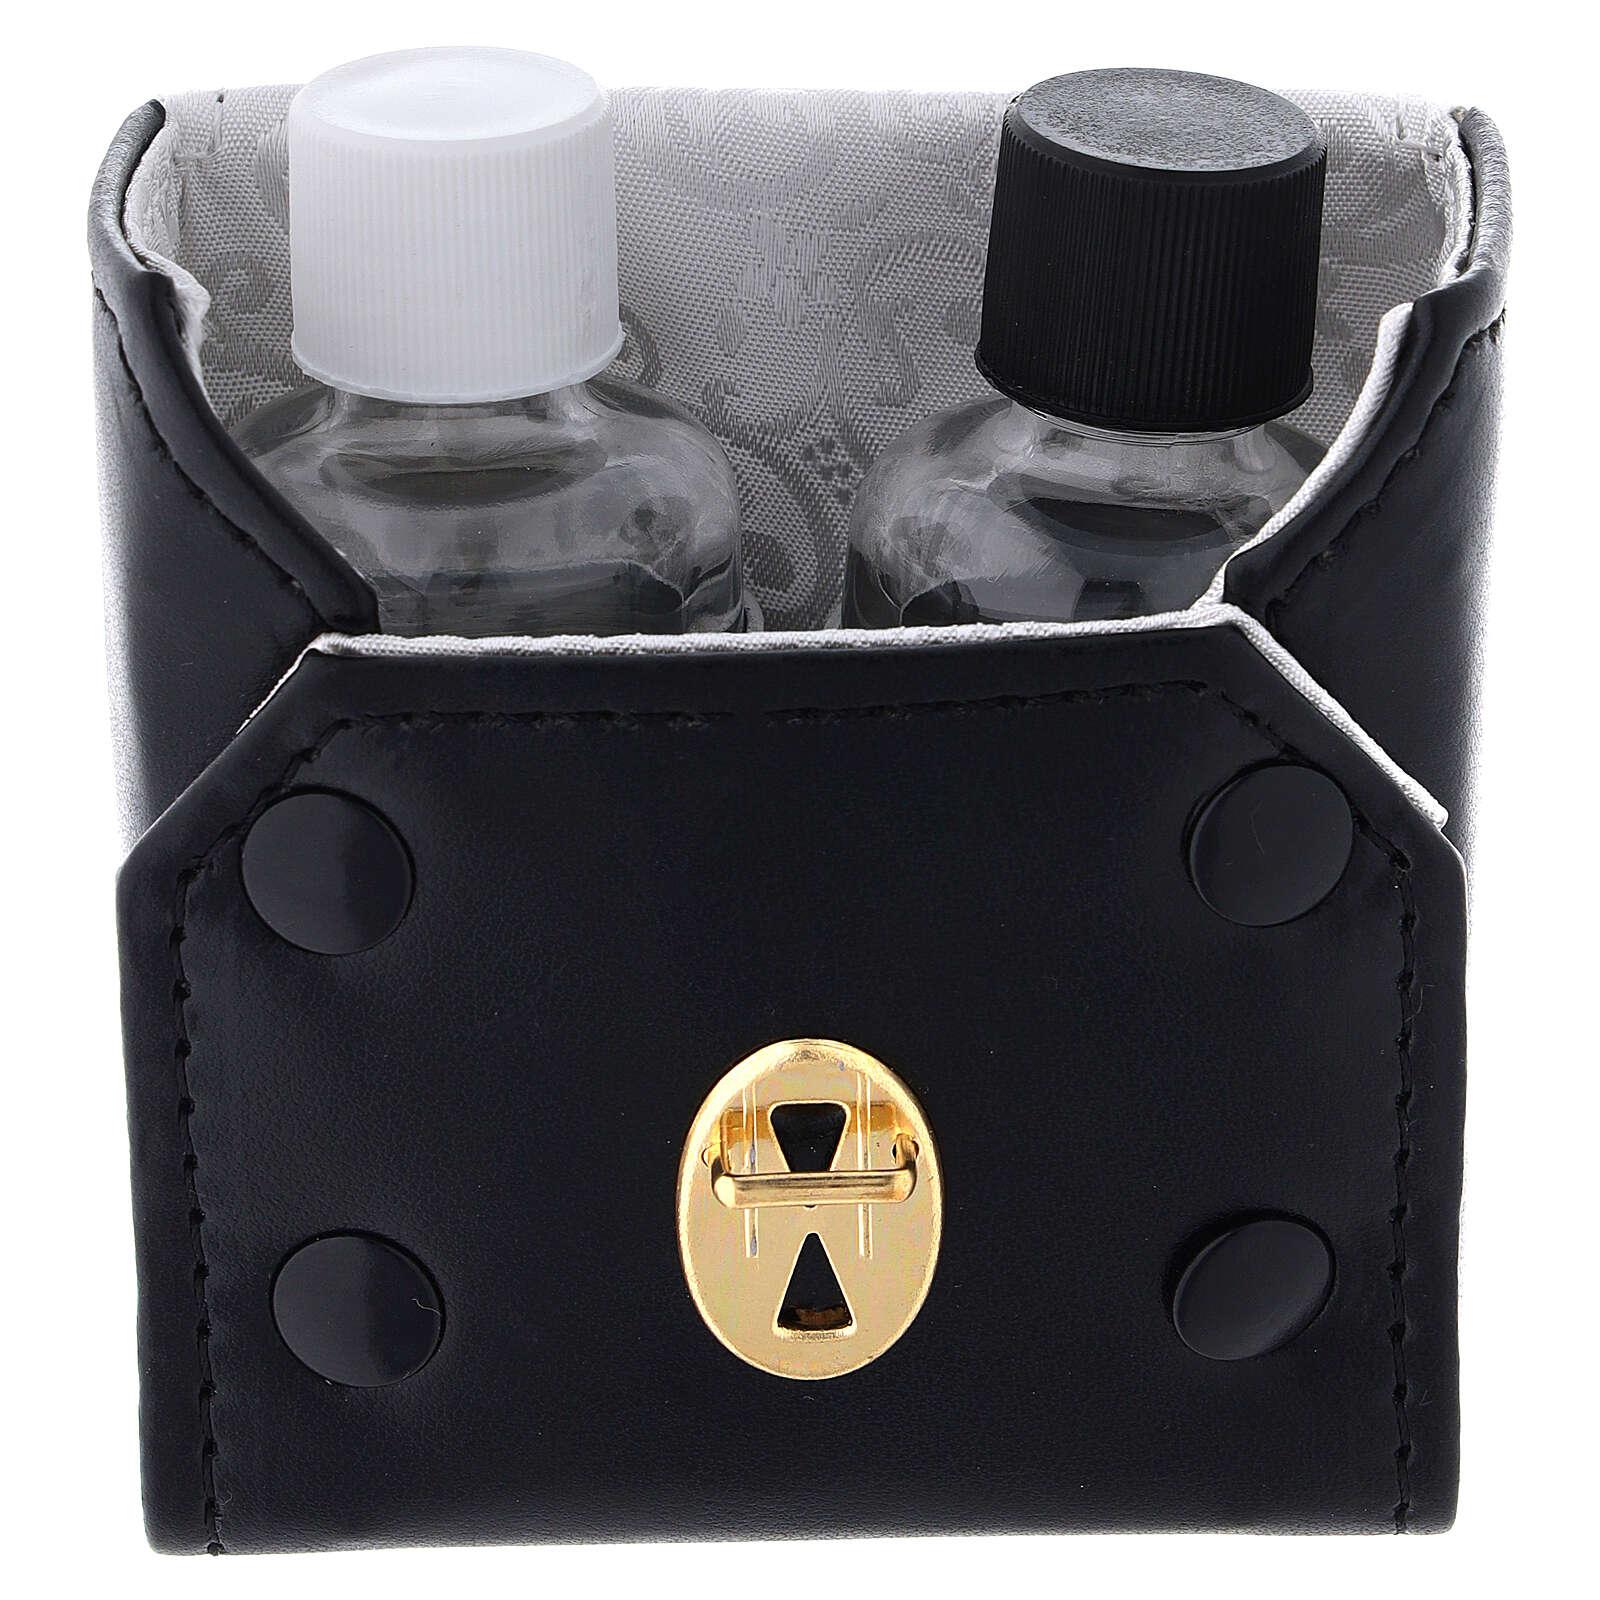 Botellas 30 ml de vidrio con estuche de cuero ecológico negro 4